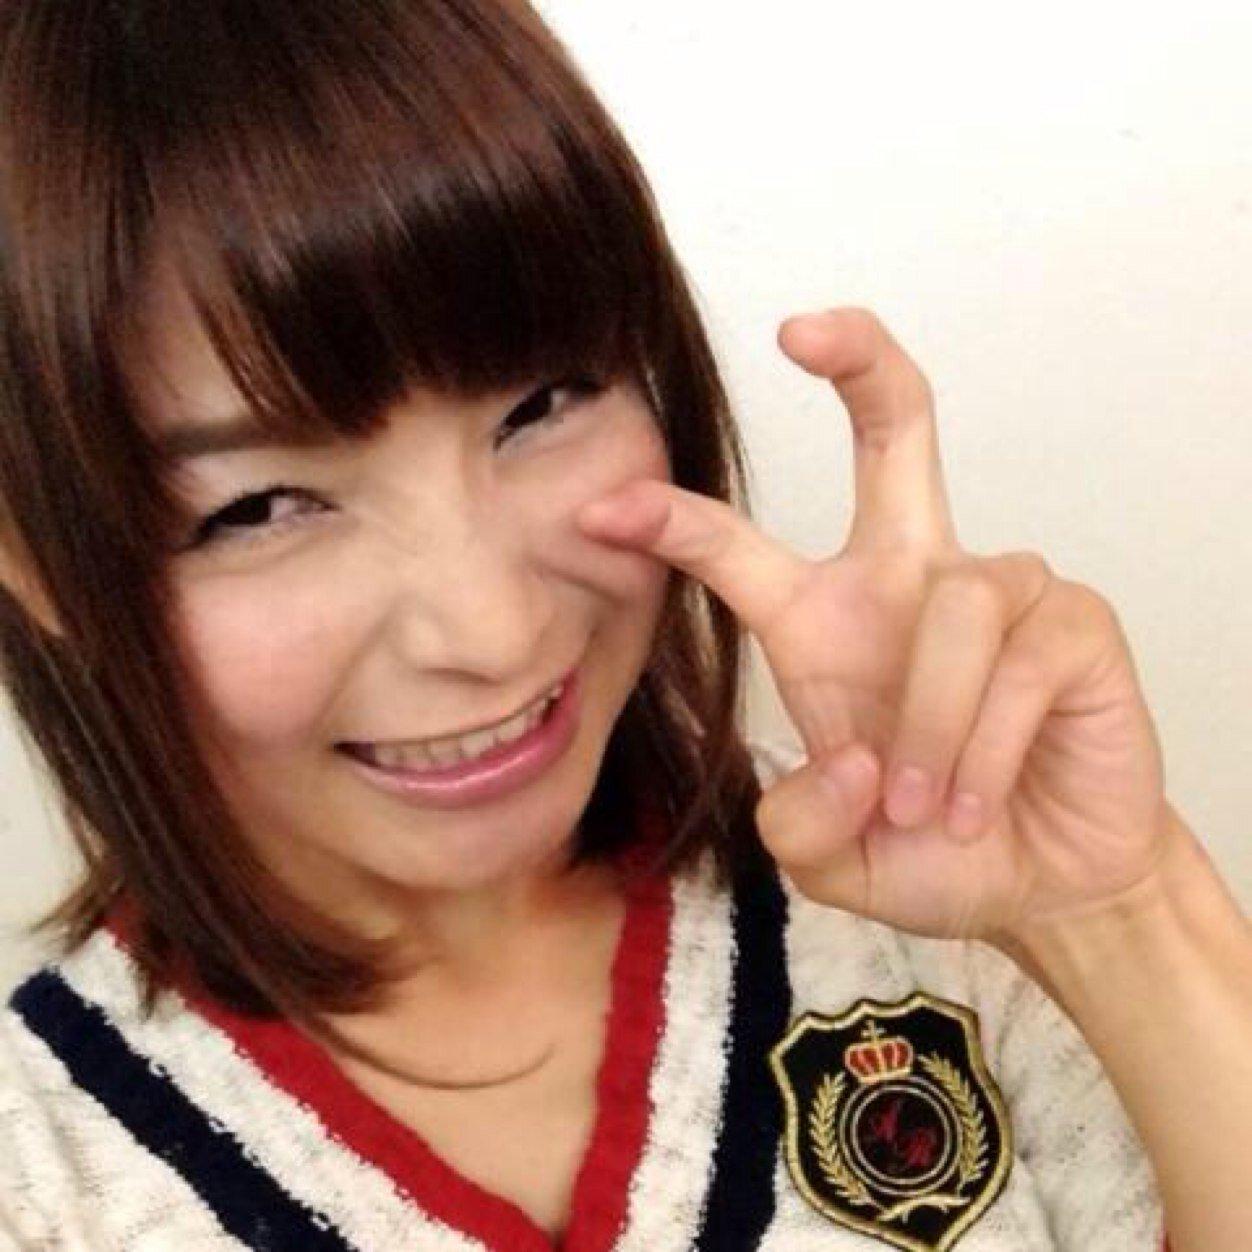 ラブライブ!でおなじみ、えみつんこと新田恵海の筋肉が凄いらしいのサムネイル画像